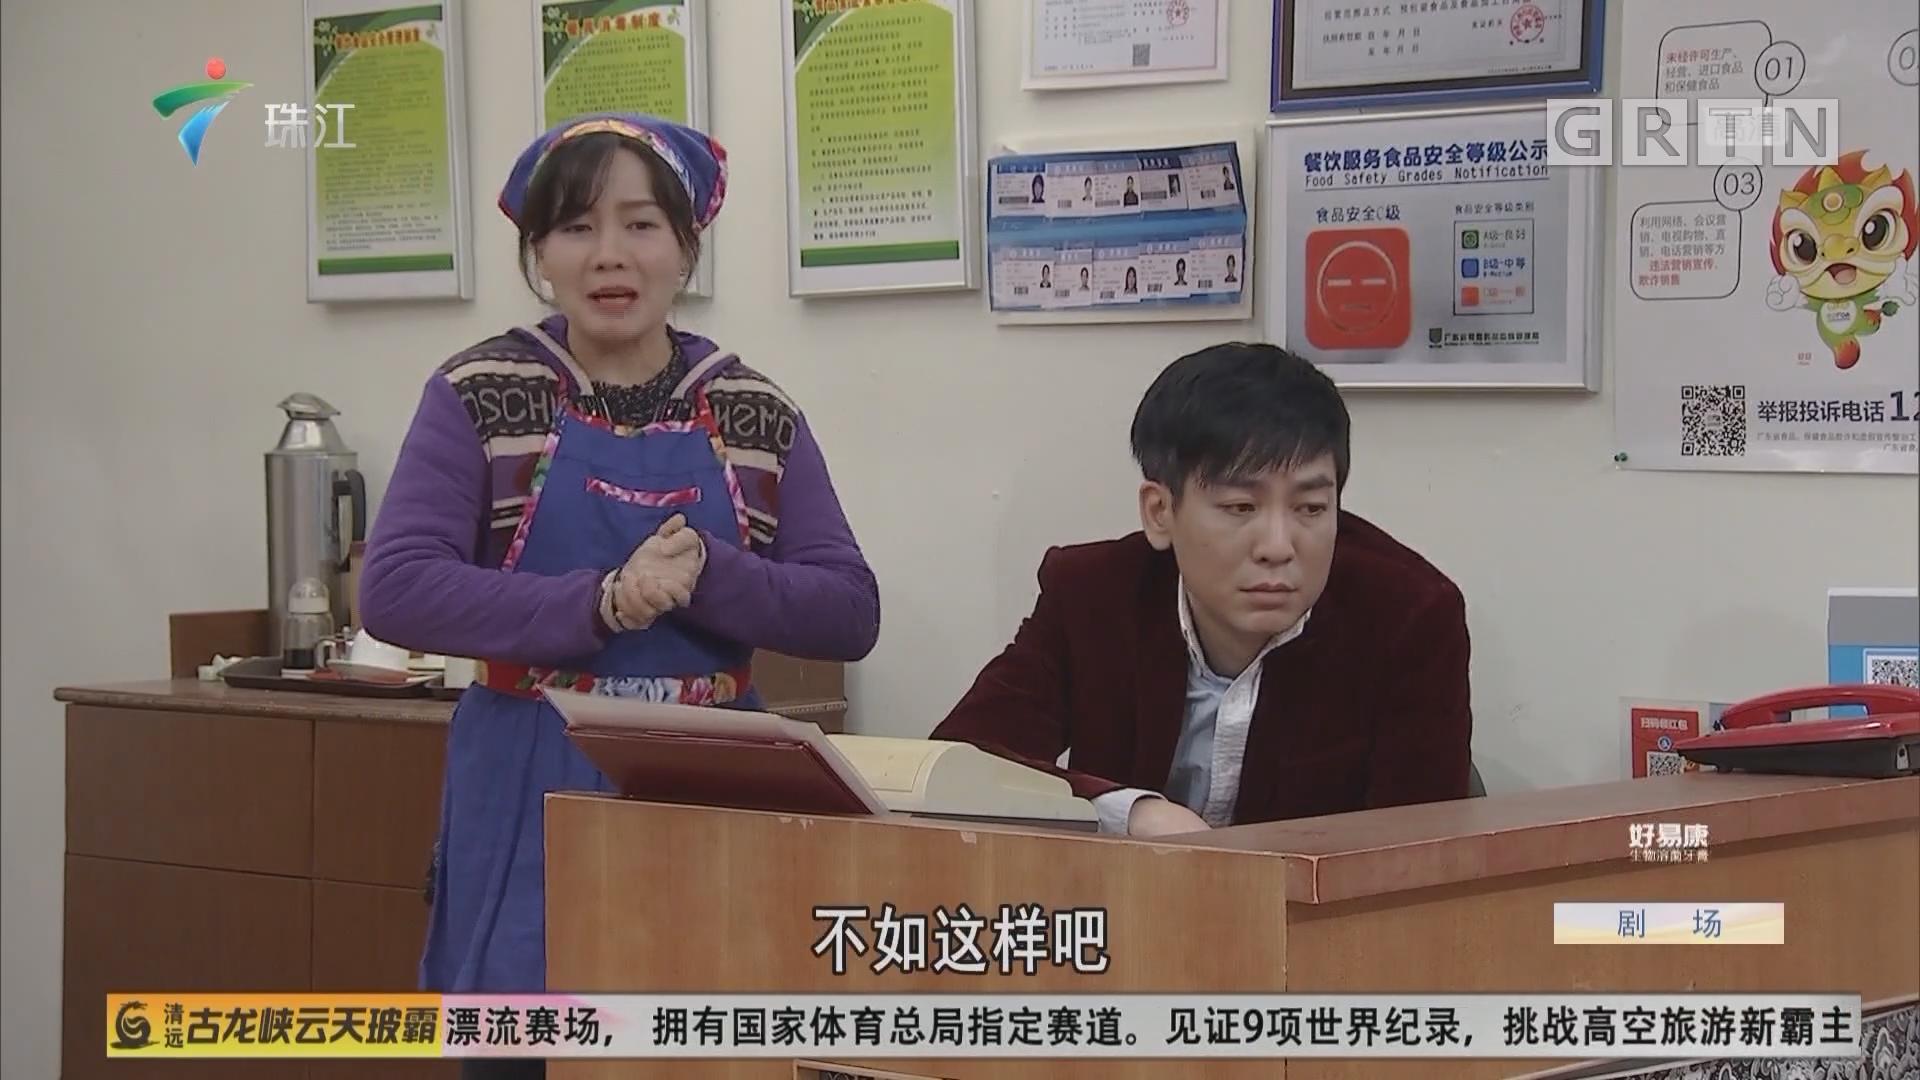 [HD][2019-06-30]外来媳妇本地郎:粽子代我惩罚你(下)